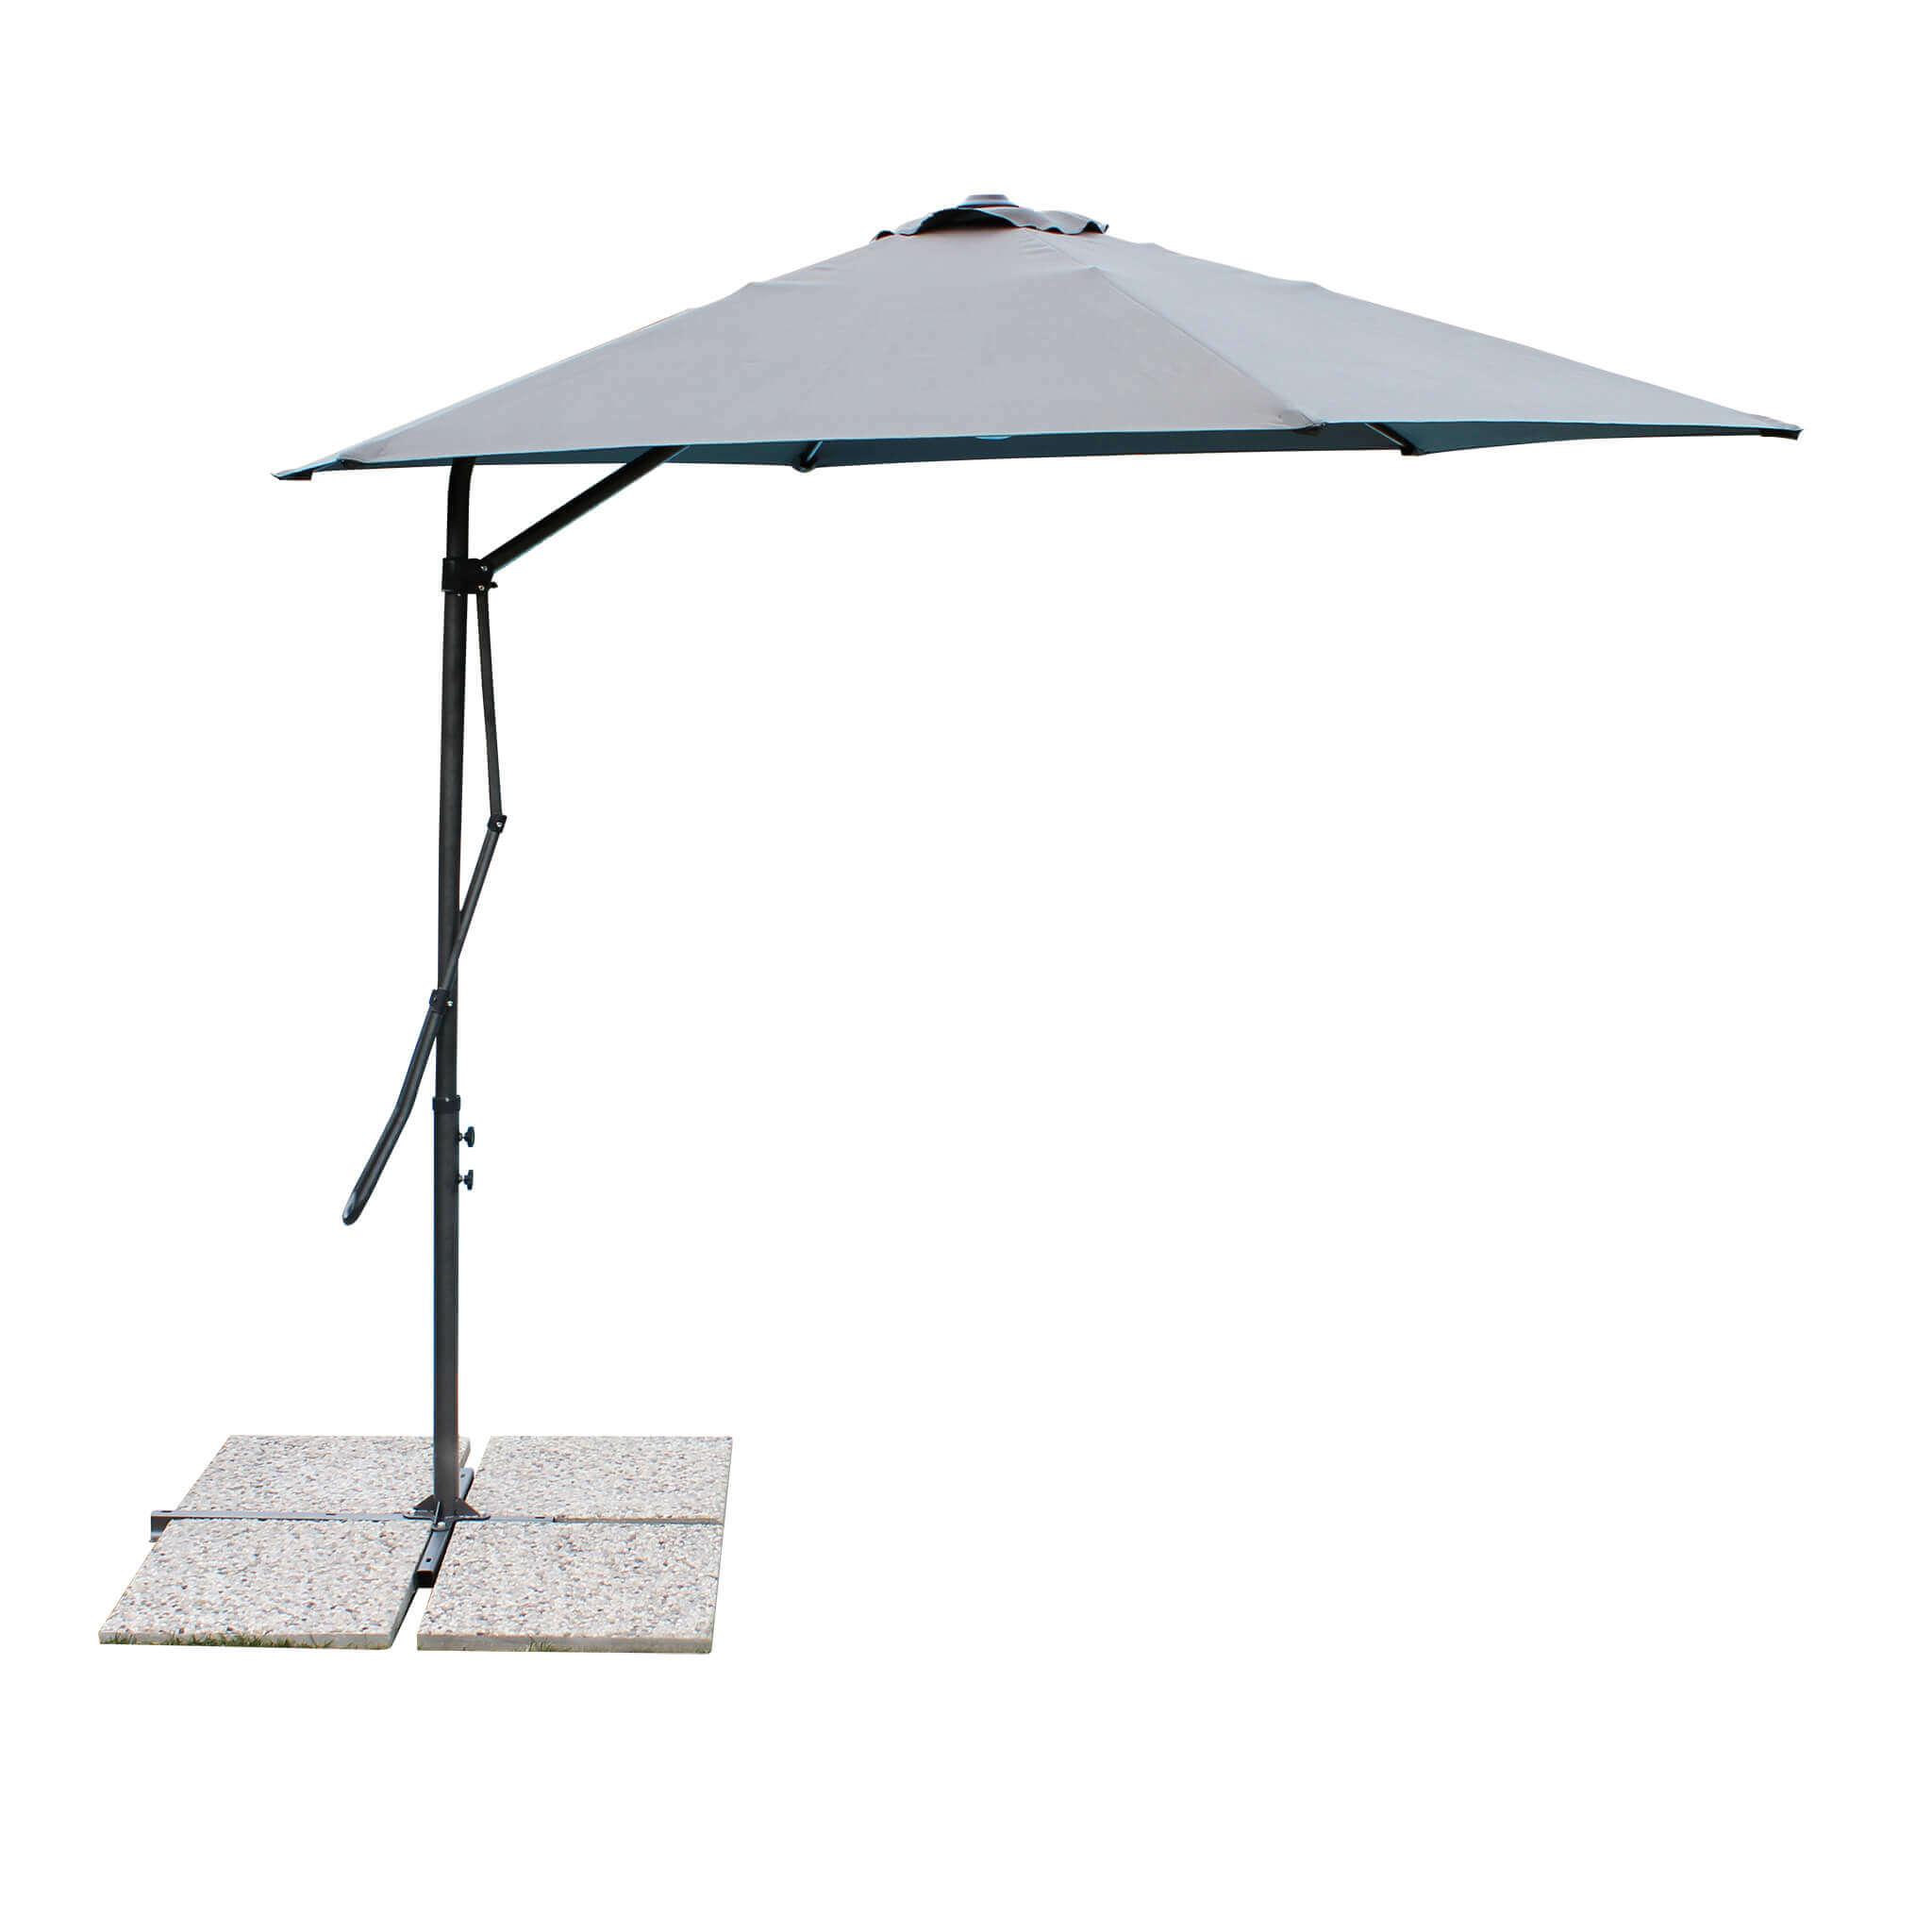 milani home versus - ombrellone da giardino tondo 3 decentrato